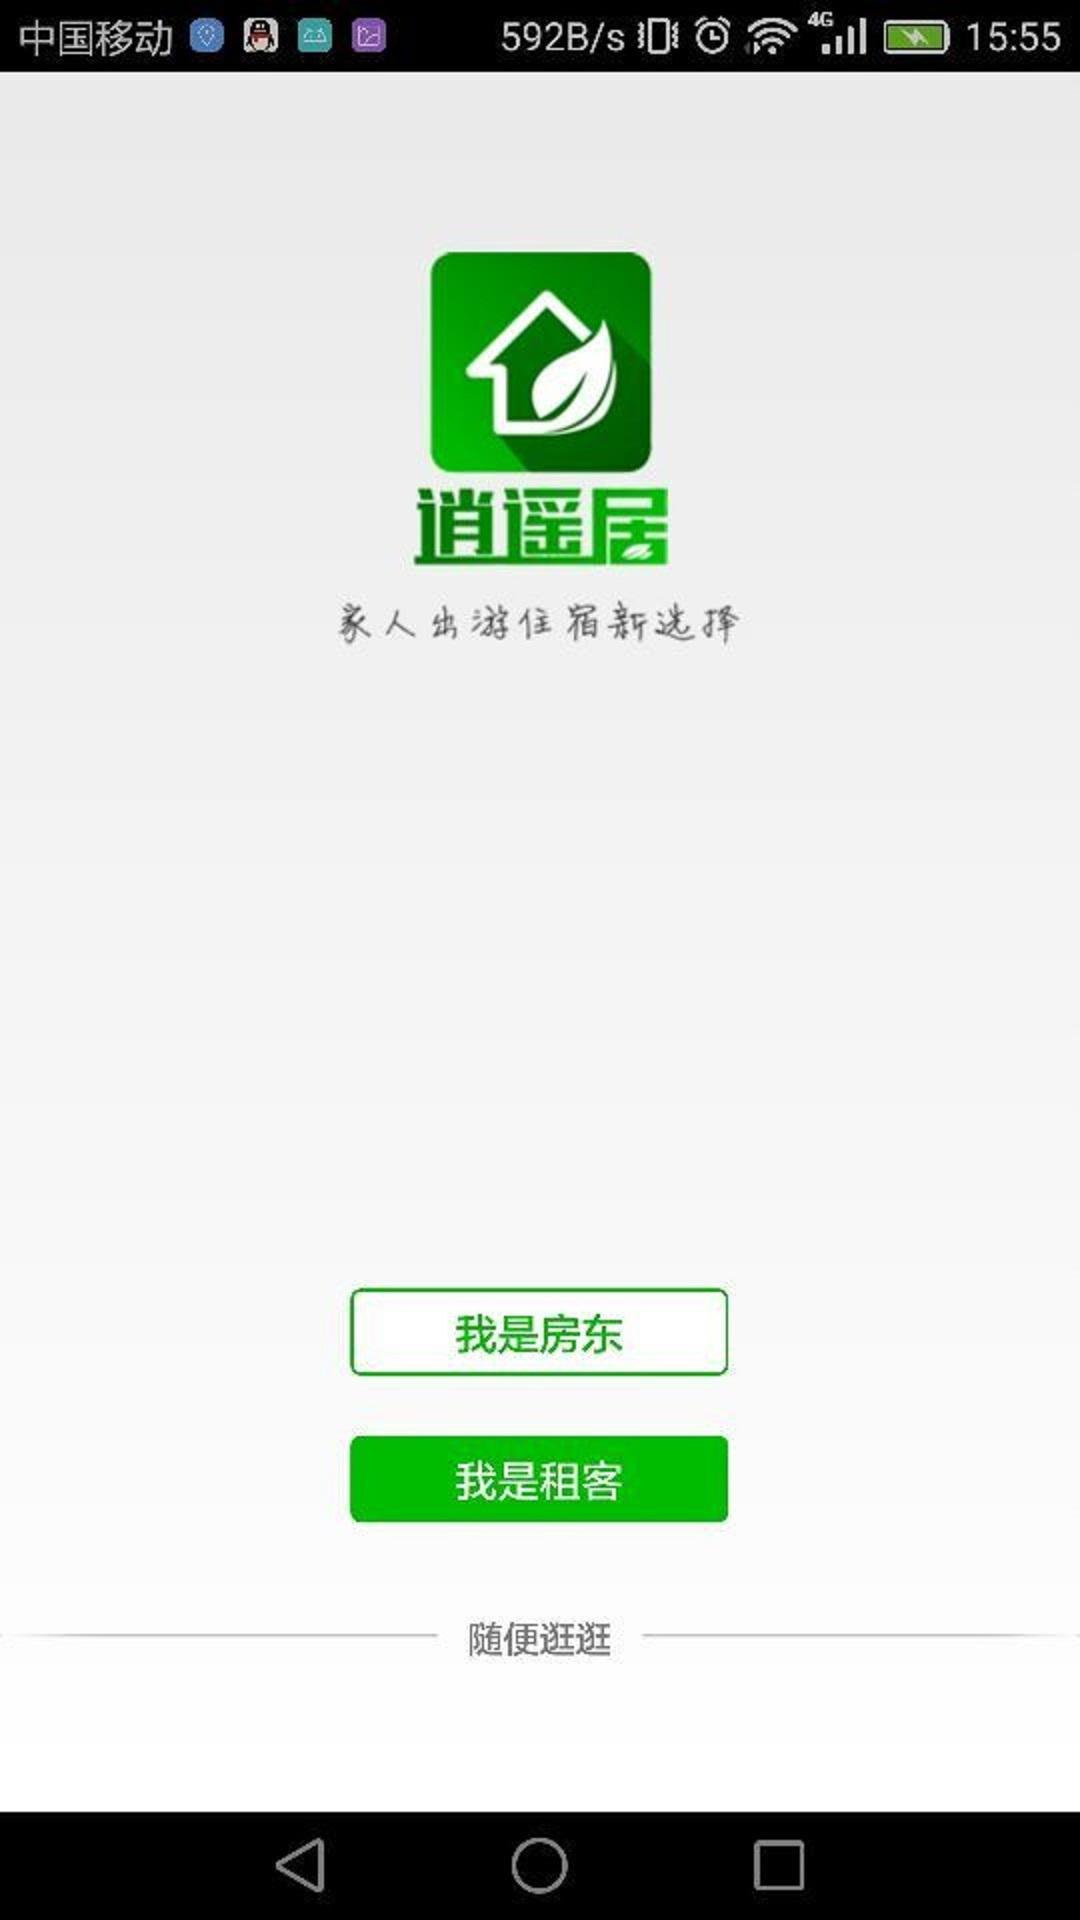 逍遥居app